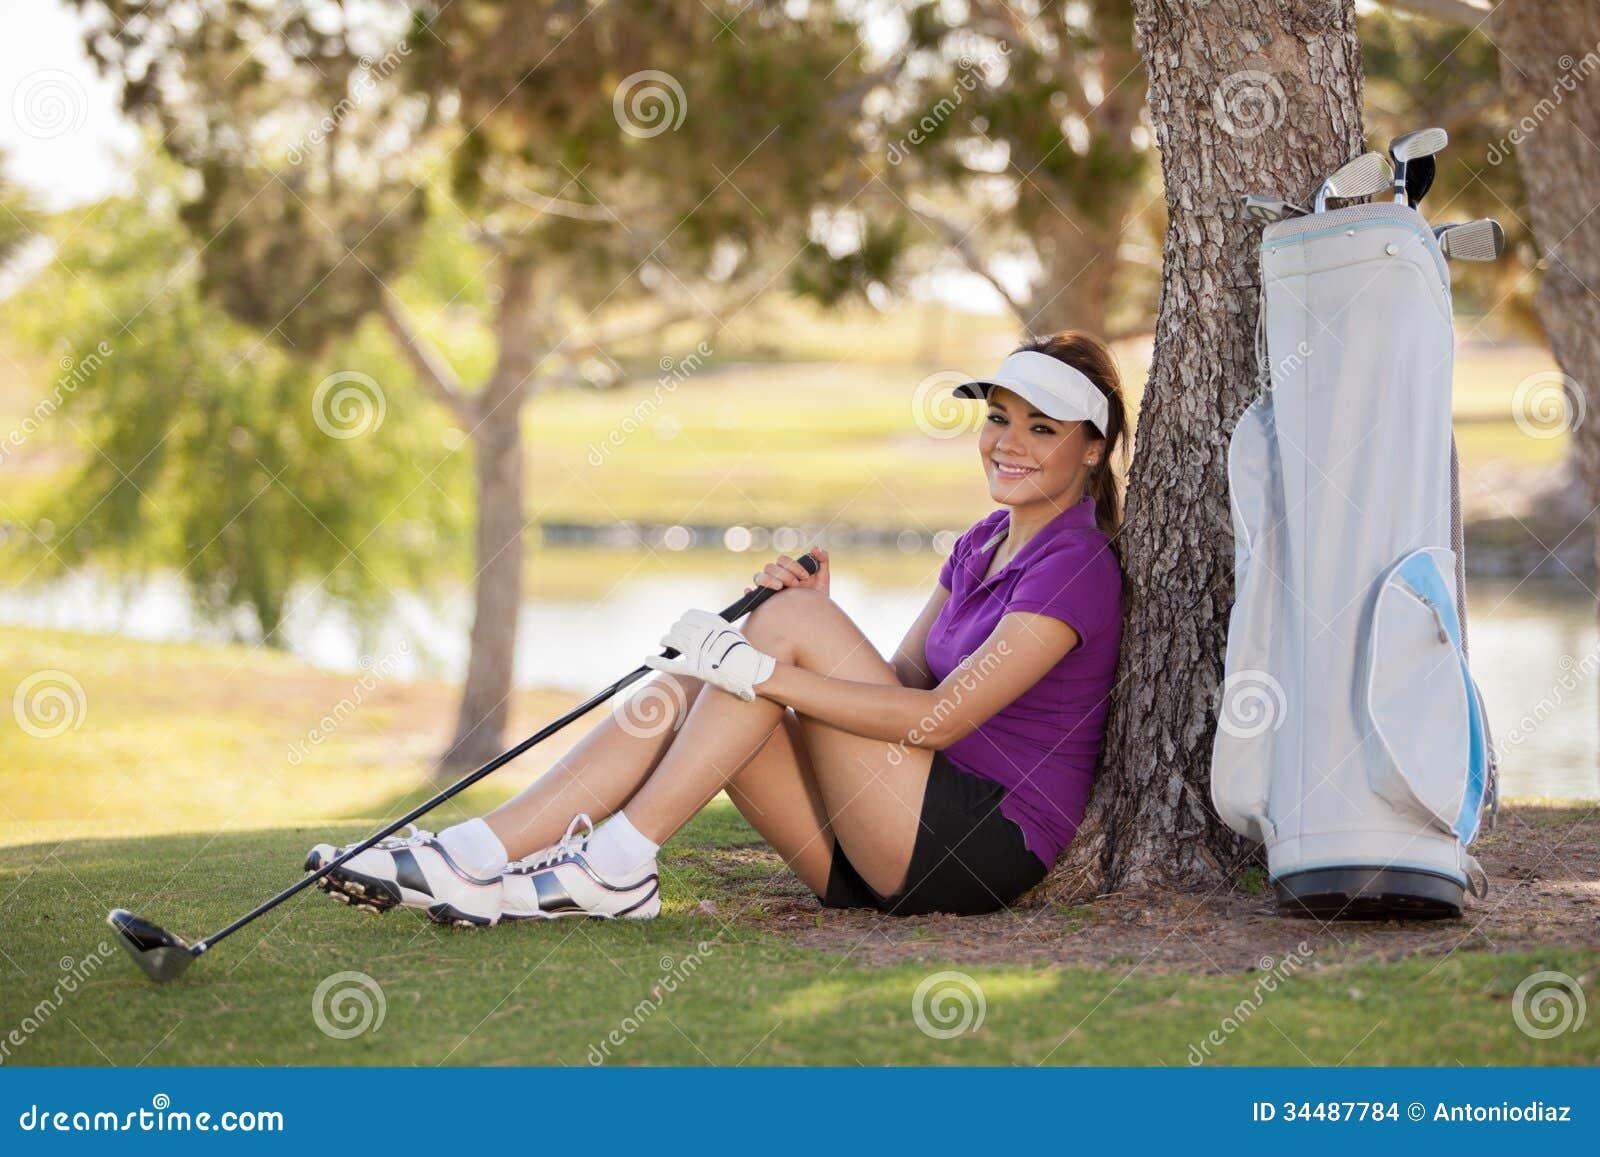 休假的愉快的女性高尔夫球运动员